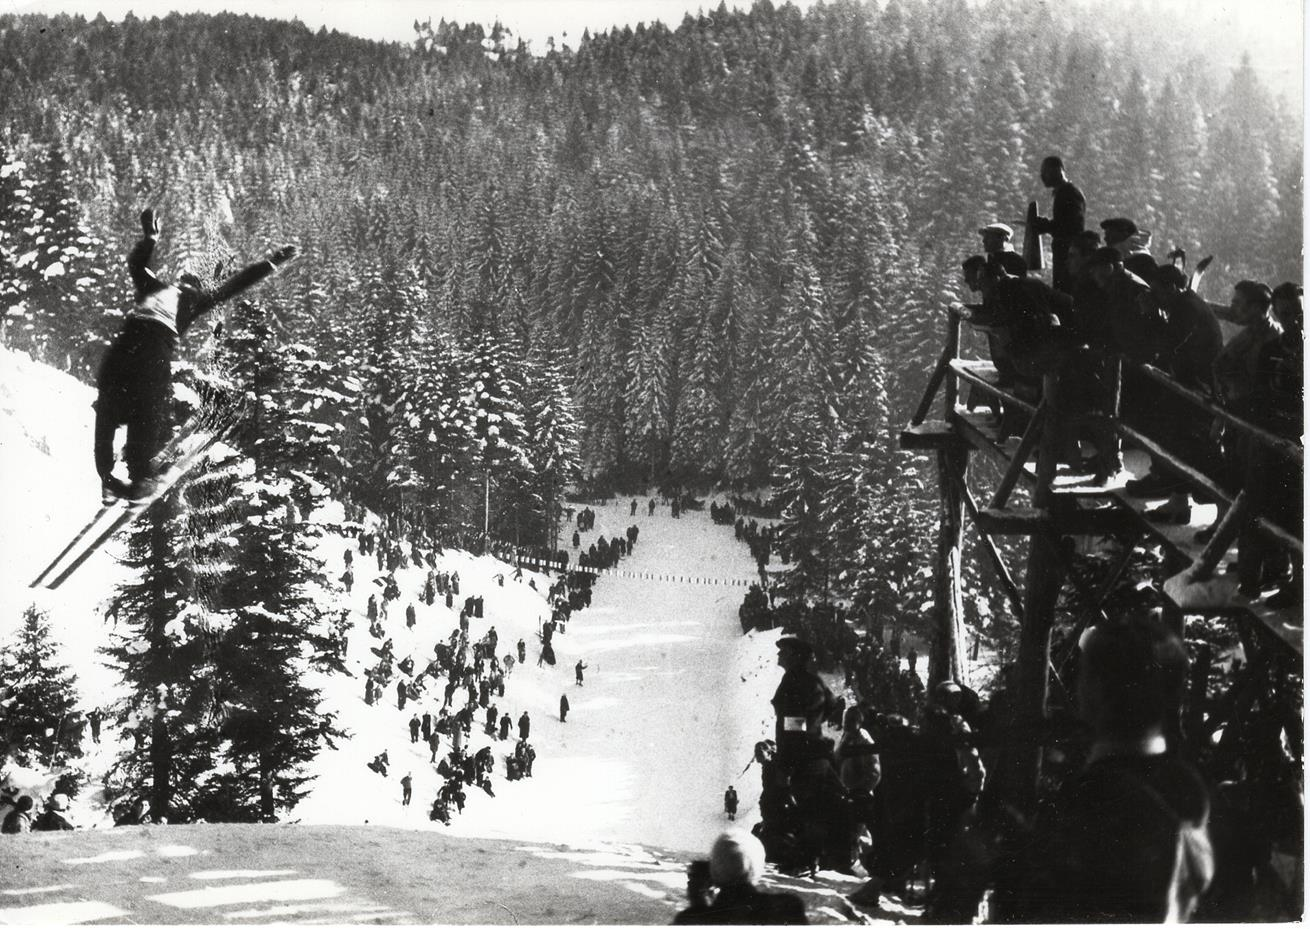 Krynica była drugim po Zakopanem ośrodkiem skoków narciarskich w Polsce